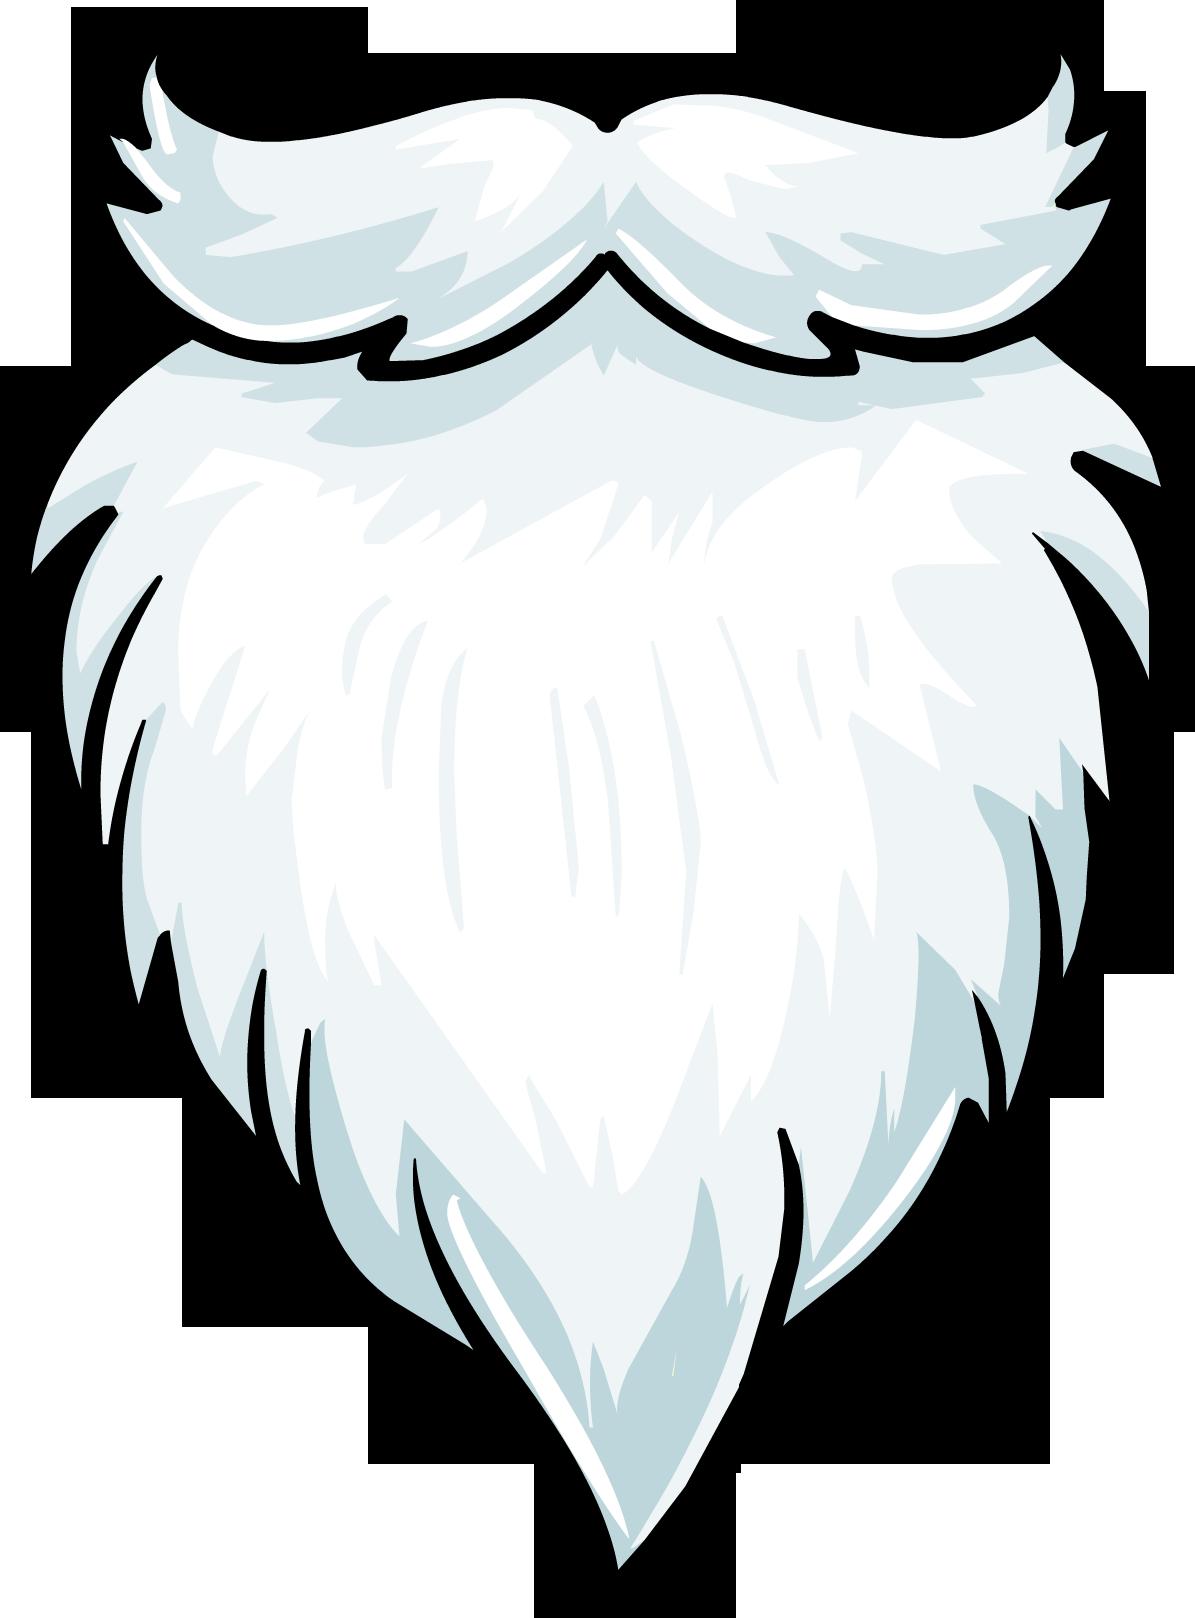 White Fuzzy Beard | Club Penguin Wiki | FANDOM powered by Wikia